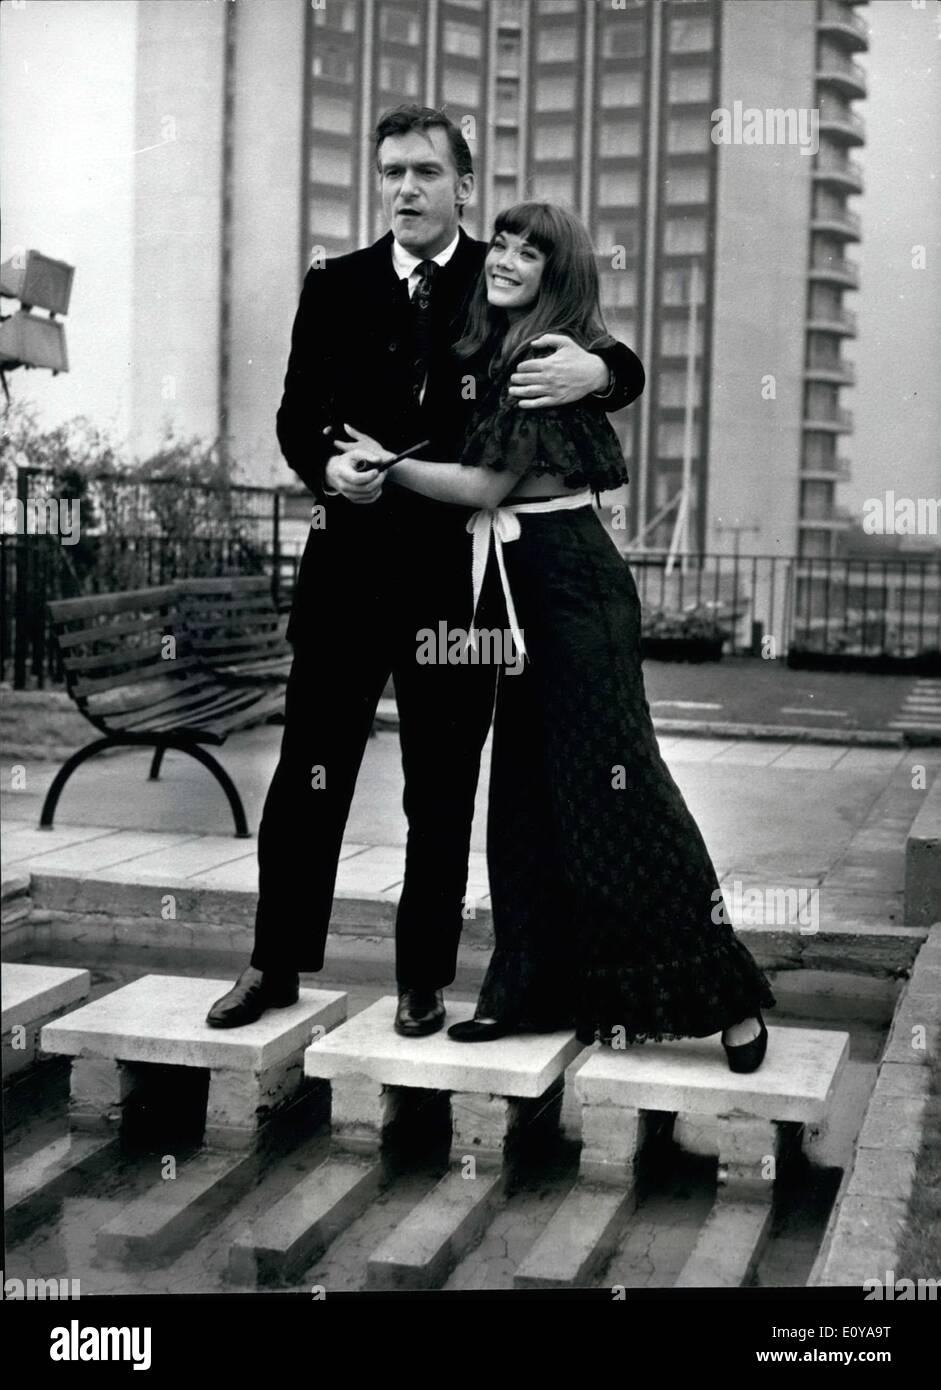 Sep. 09, 1969 - Hugh Hefner Holds Press Conference In London: Mr. Hugh Hefner, Editor/Publisher of Playboy Magazine, Stock Photo